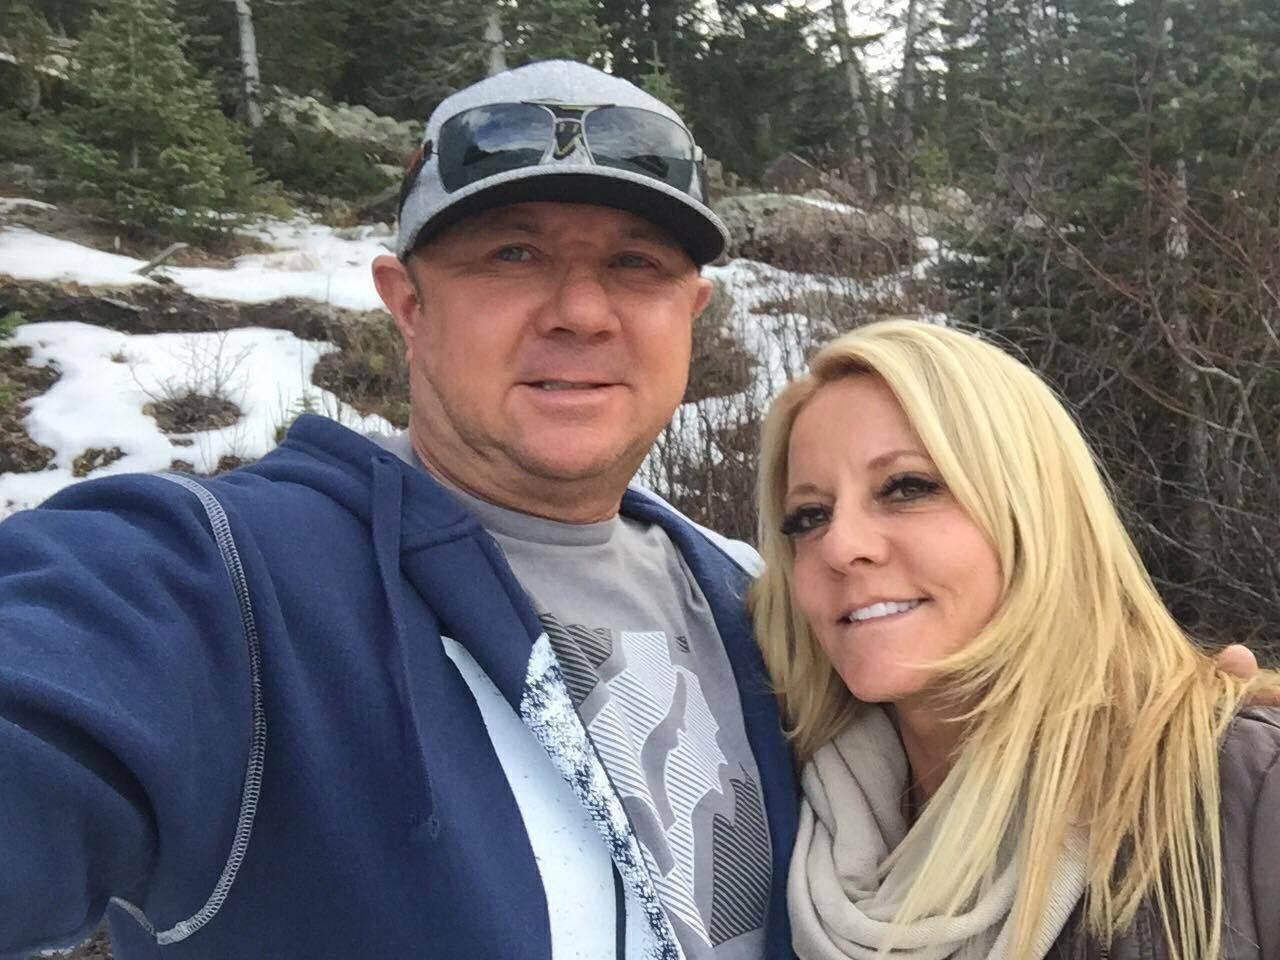 Przeżyli masakrę w Las Vegas, dwa tygodnie później zginęli w wypadku